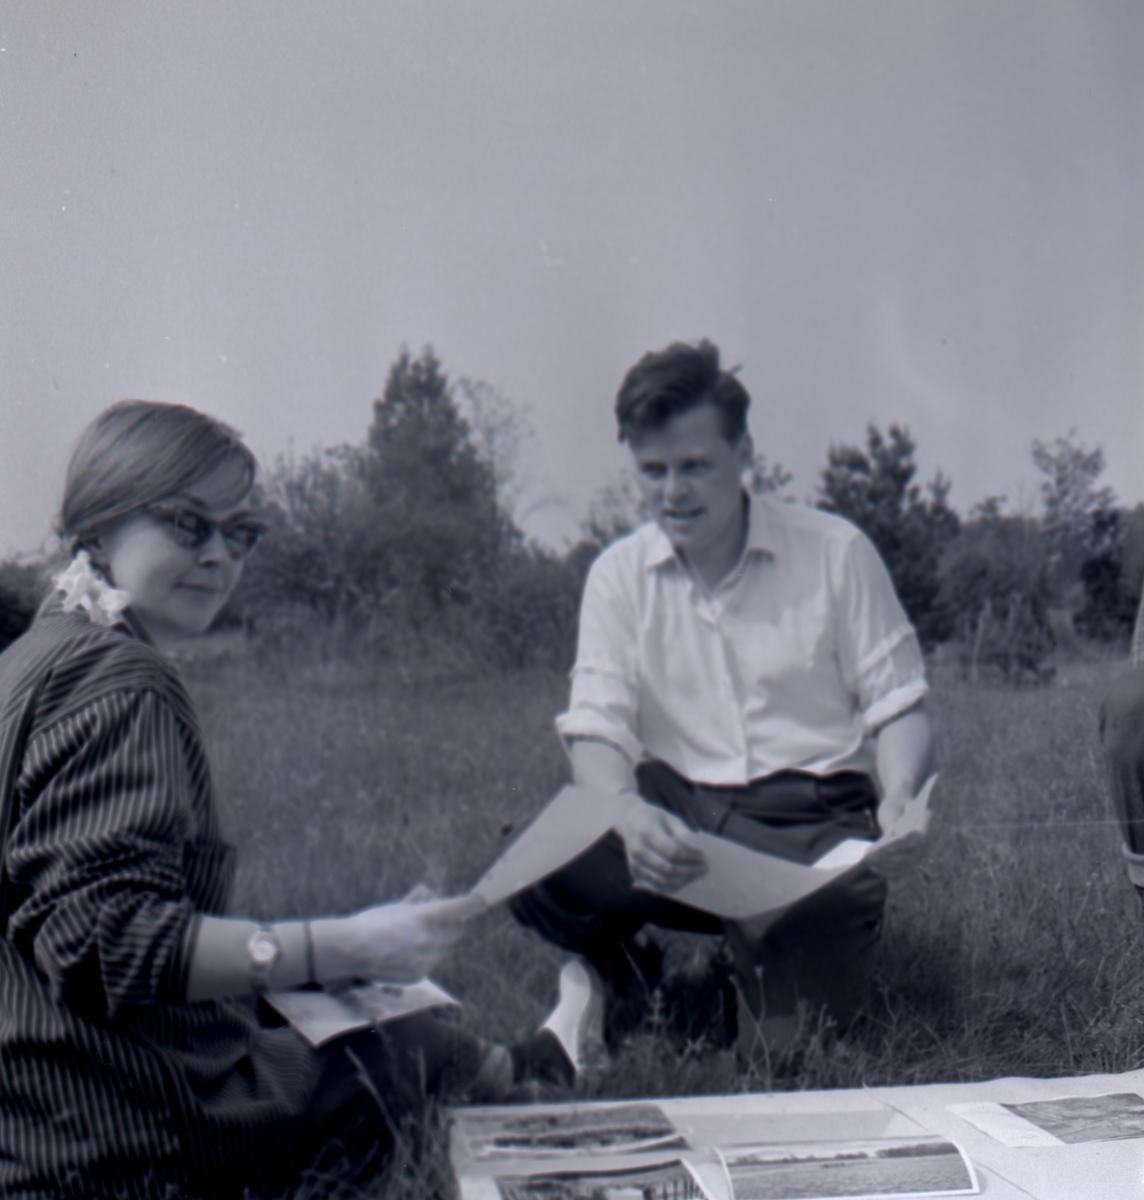 Ulf Erik hagberg och fil.stud. Charlotte Öhnstad, eventuellt Gudrun Sahlgren vid Skedemosse 15/6 1962.